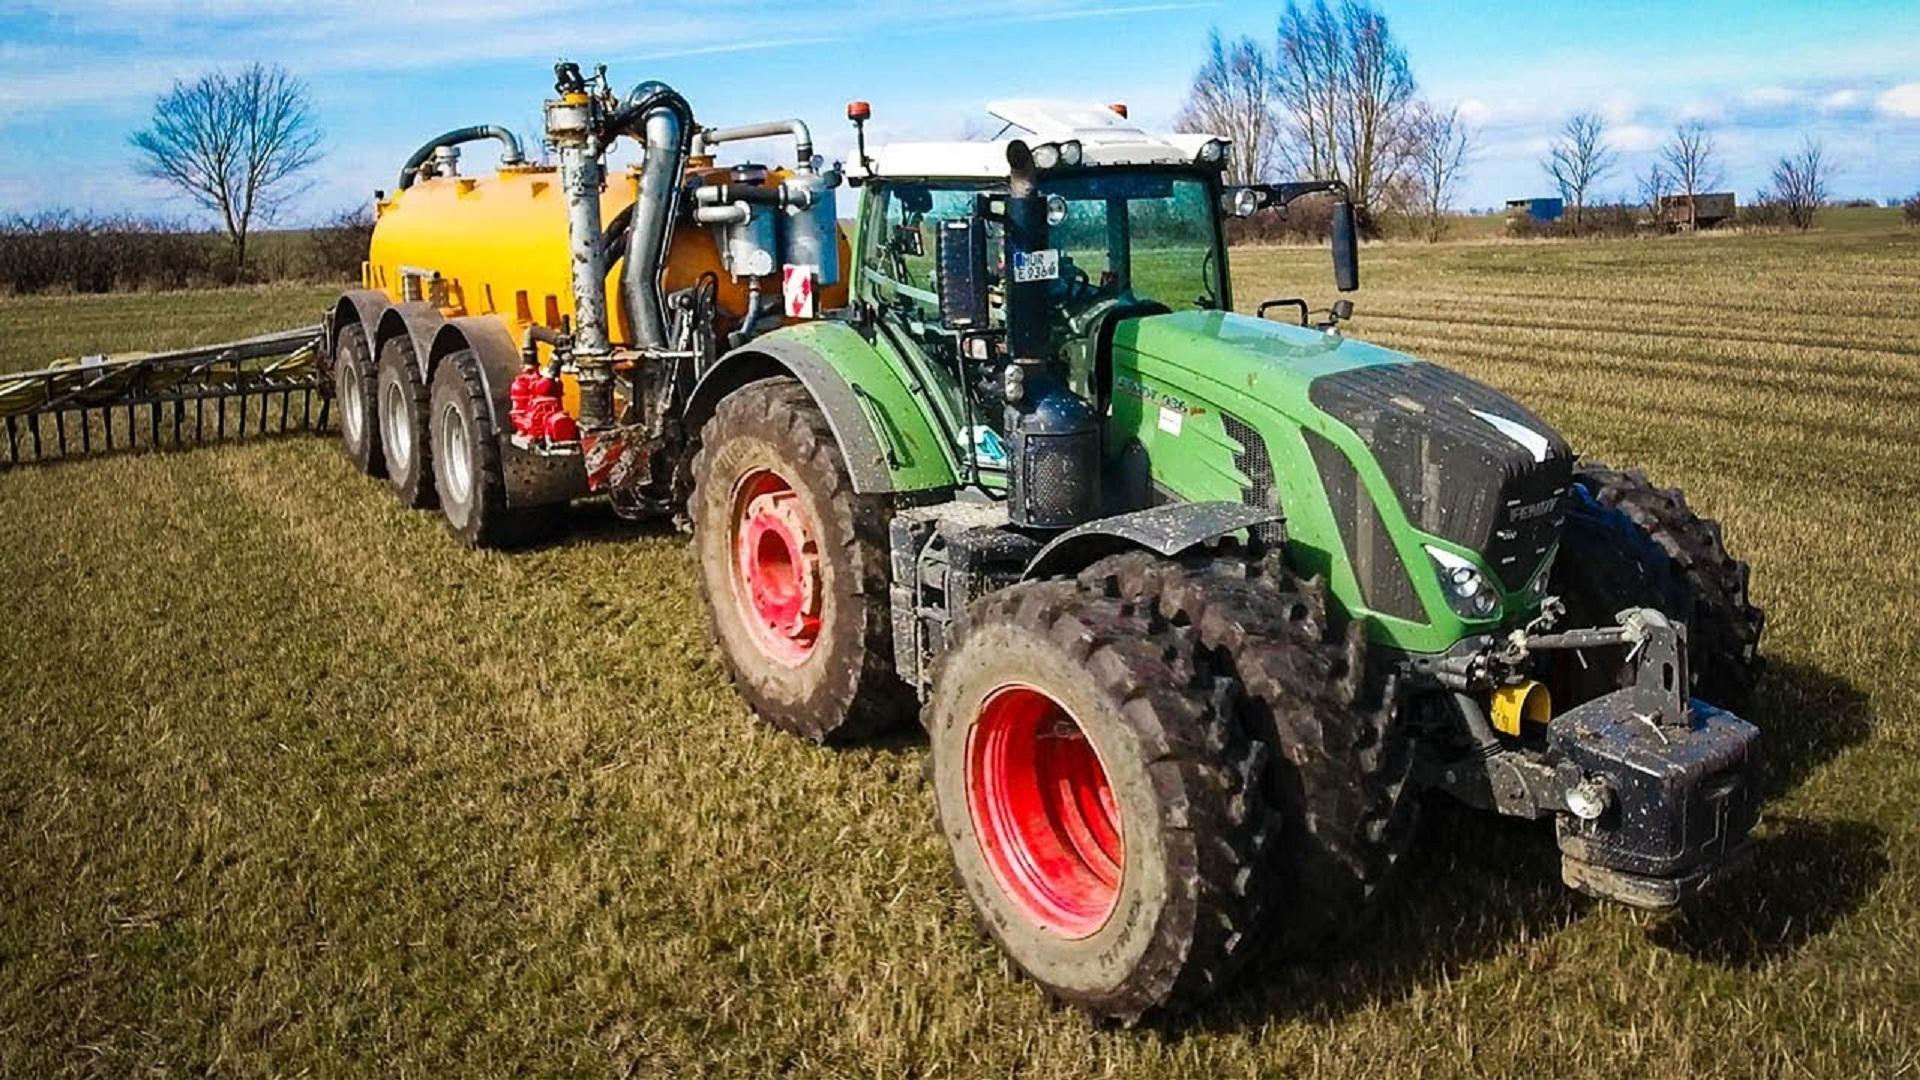 Comment acquérir un tracteur d'occasion dans la région du haut Rhin ?